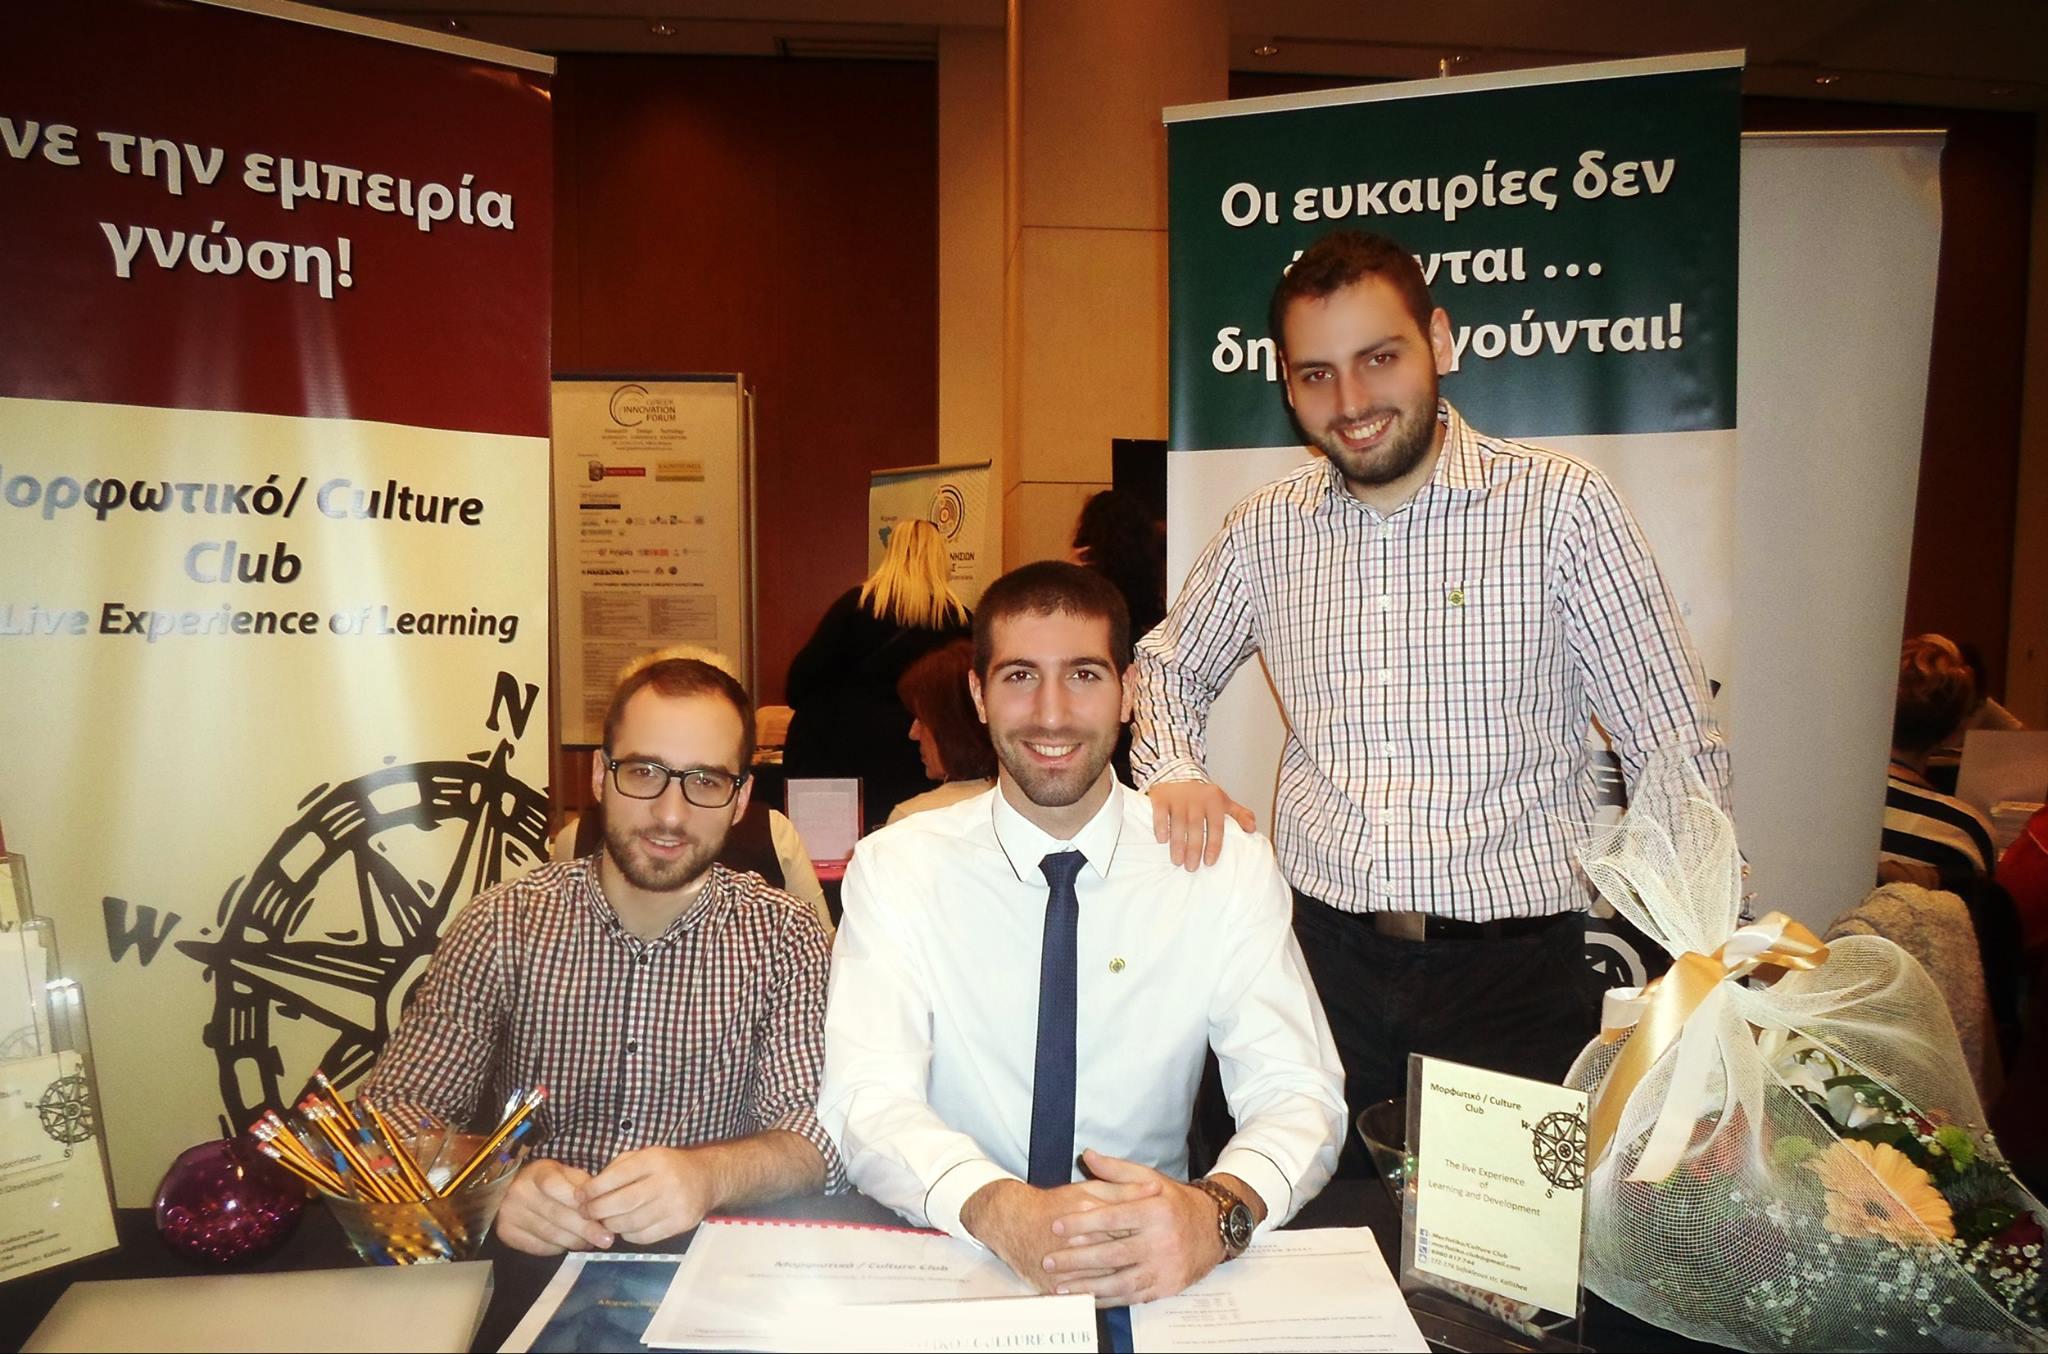 Ο Σταθόπουλος Χρήστος (HR Manager), ο Μιχάλης Καραΐσκος (IT Manager) και ο Αριστείδης Βελέντζας (Project Manager)